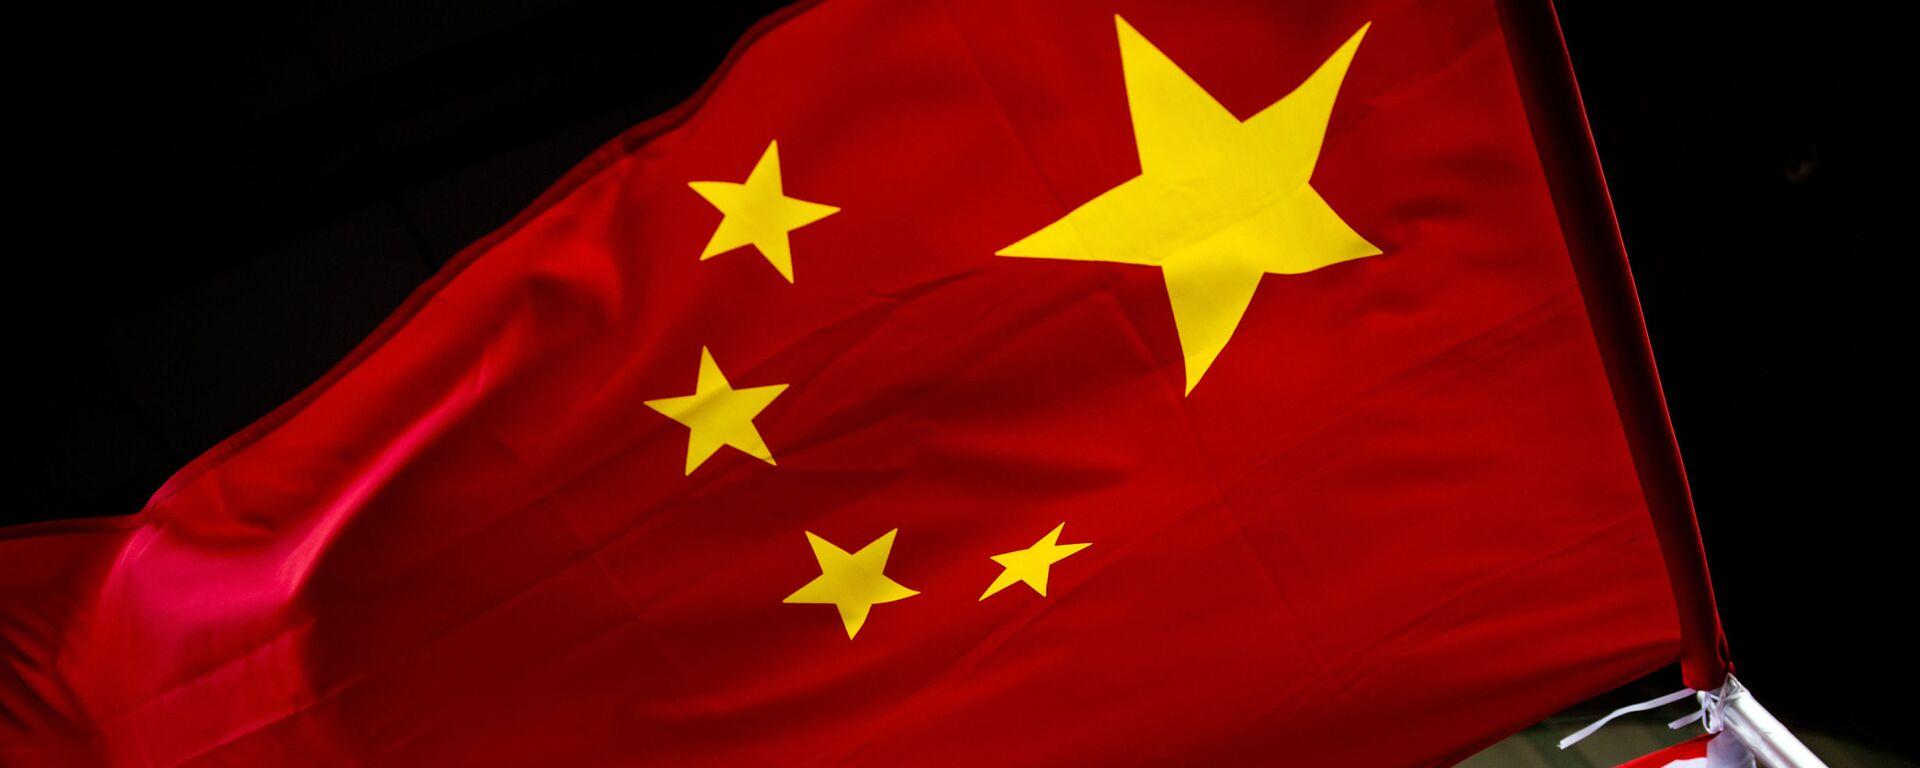 Quốc kỳ Mỹ và Trung Quốc - Sputnik Việt Nam, 1920, 12.09.2021